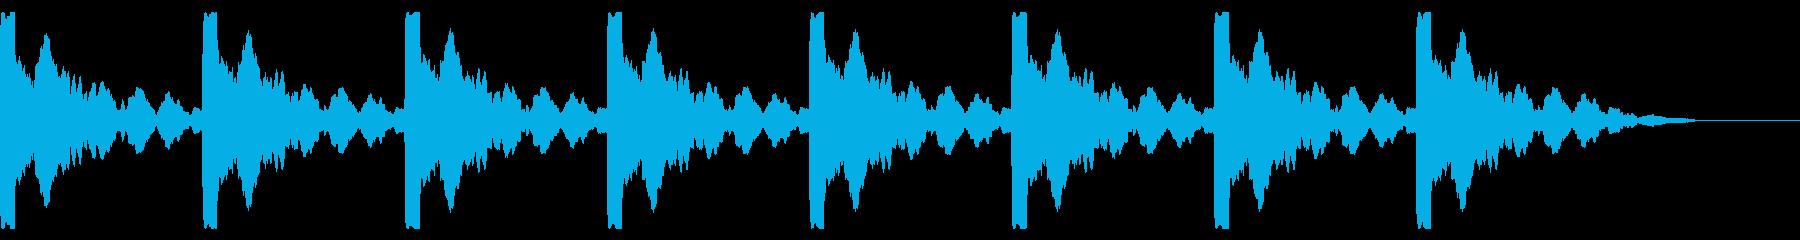 ソナー:残響ピンの再生済みの波形